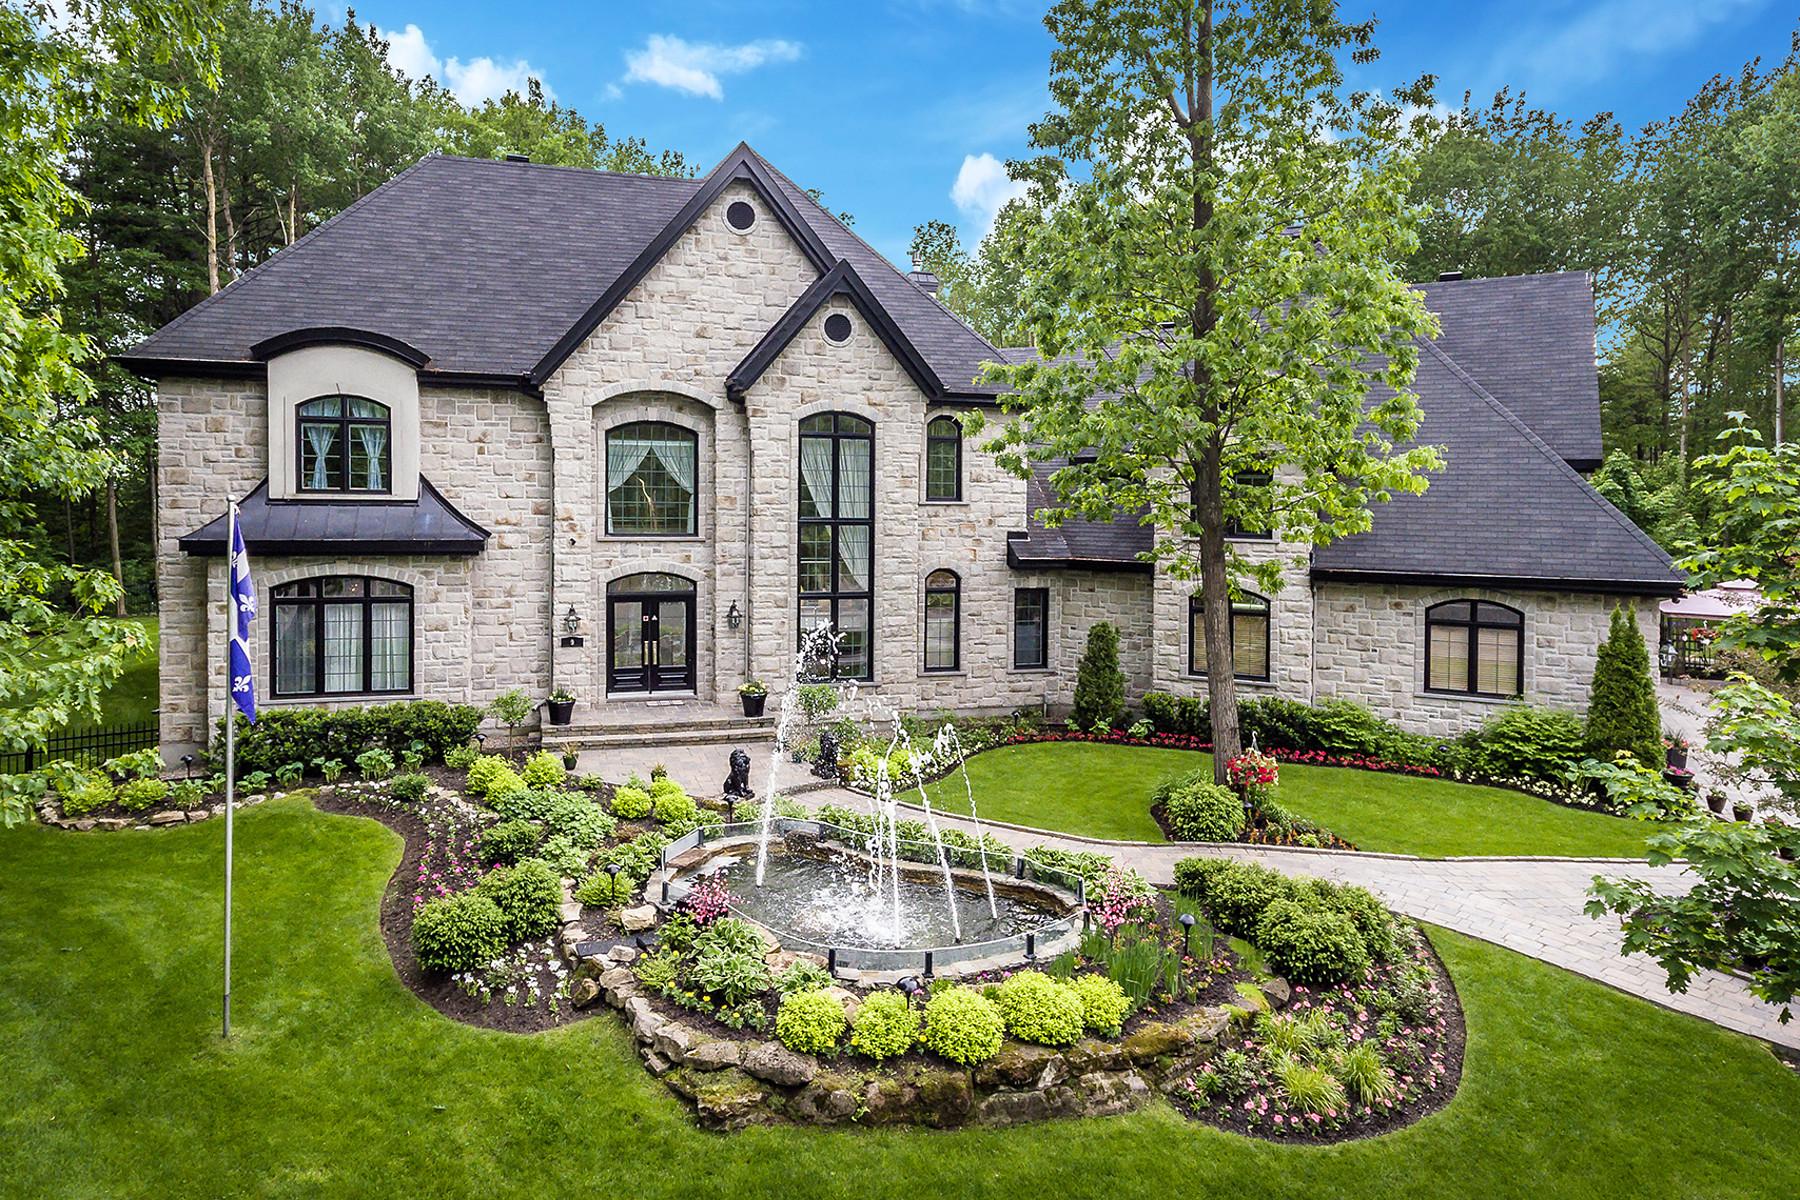 Single Family Homes for Sale at 9 Place de la Falaise Terrebonne, Quebec J6Y1Z6 Canada